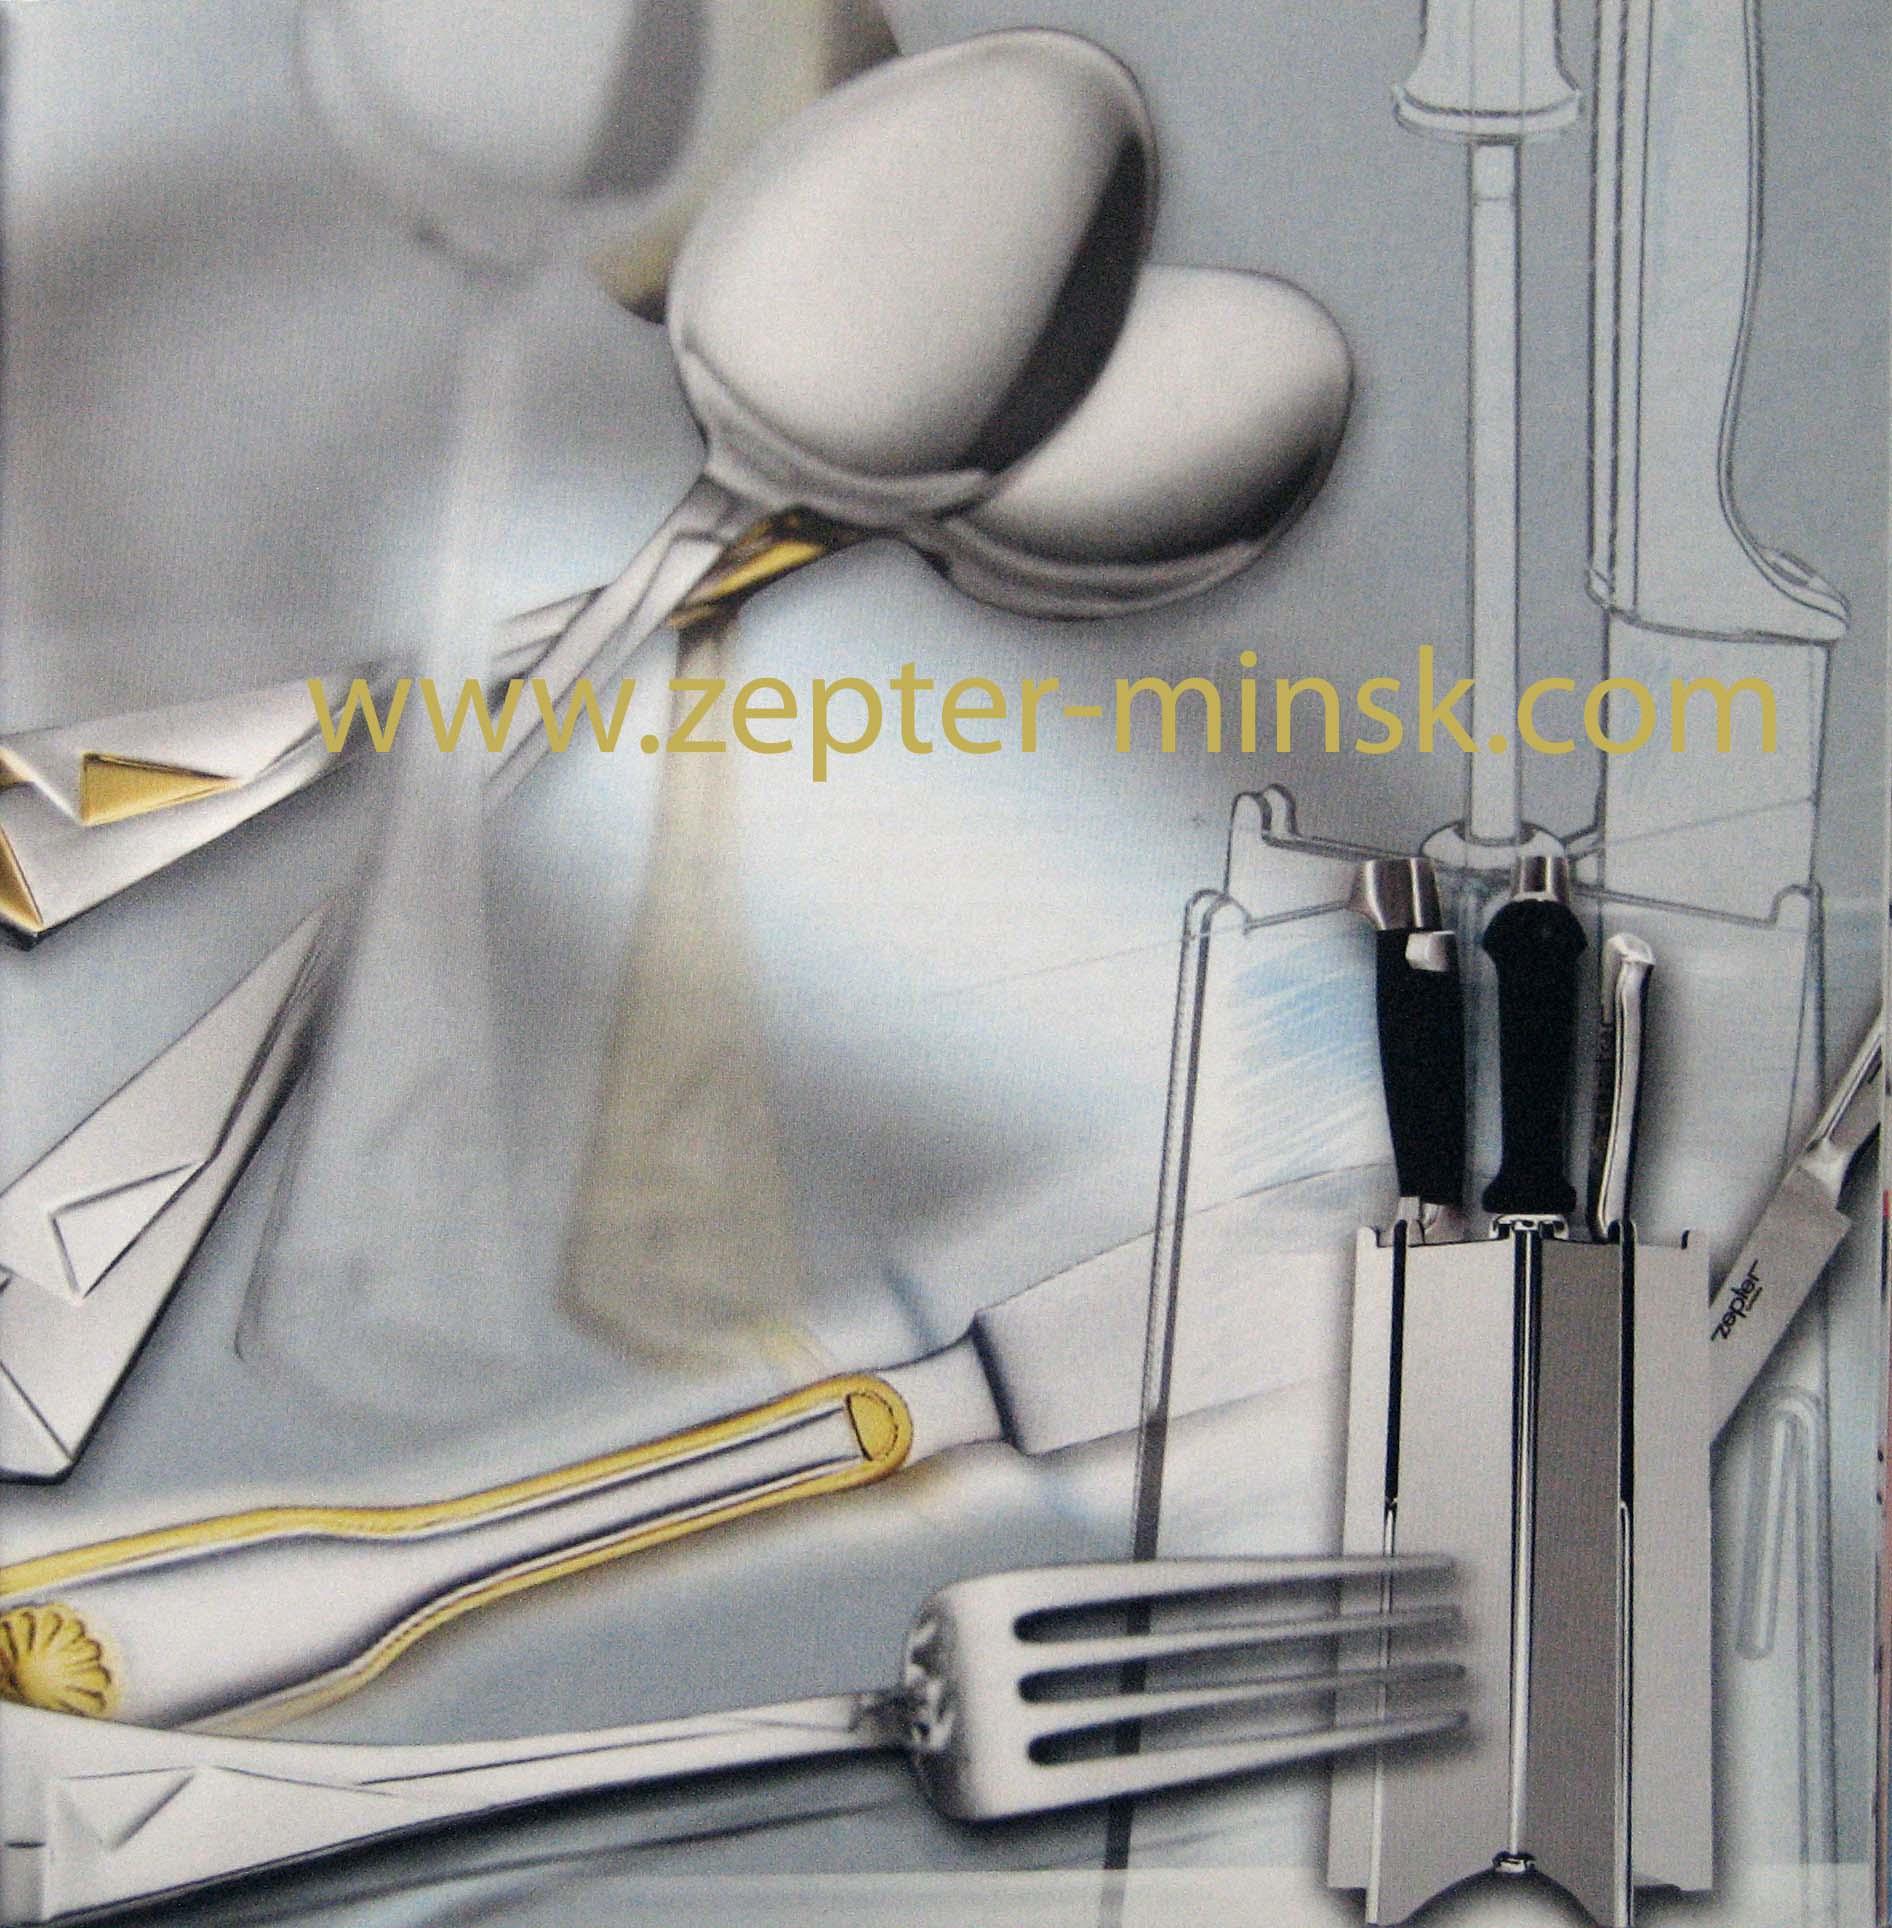 столовые приборы Цептер, ножи, наборы ножей, подставки для ножей